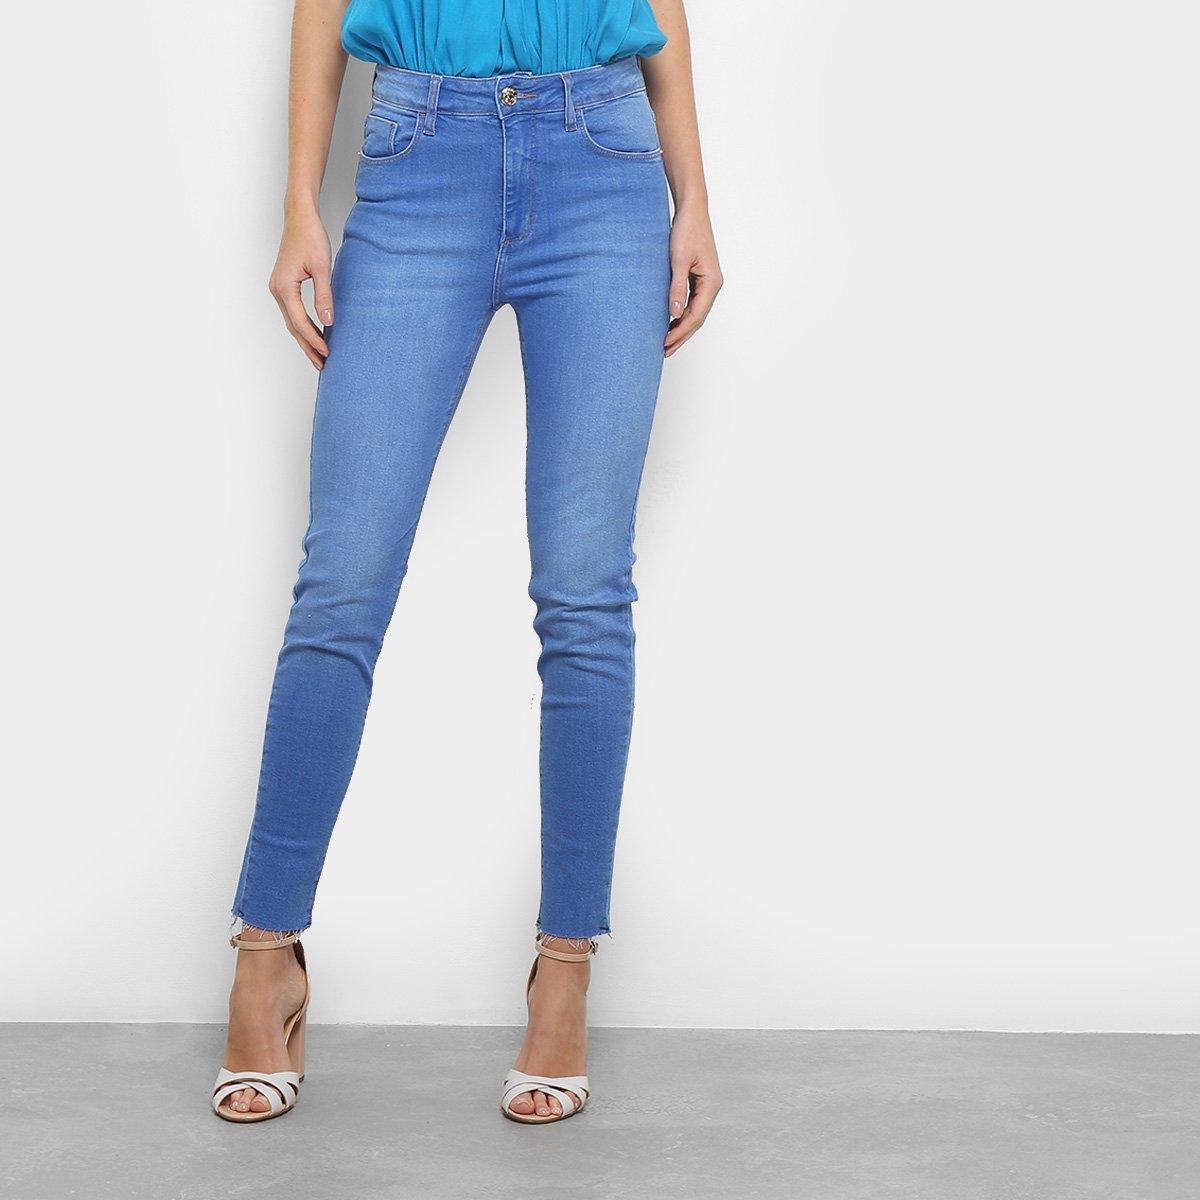 85459906e4 Calça Jeans Skinny Forum Marisa Cintura Alta Feminina - Azul - Compre Agora